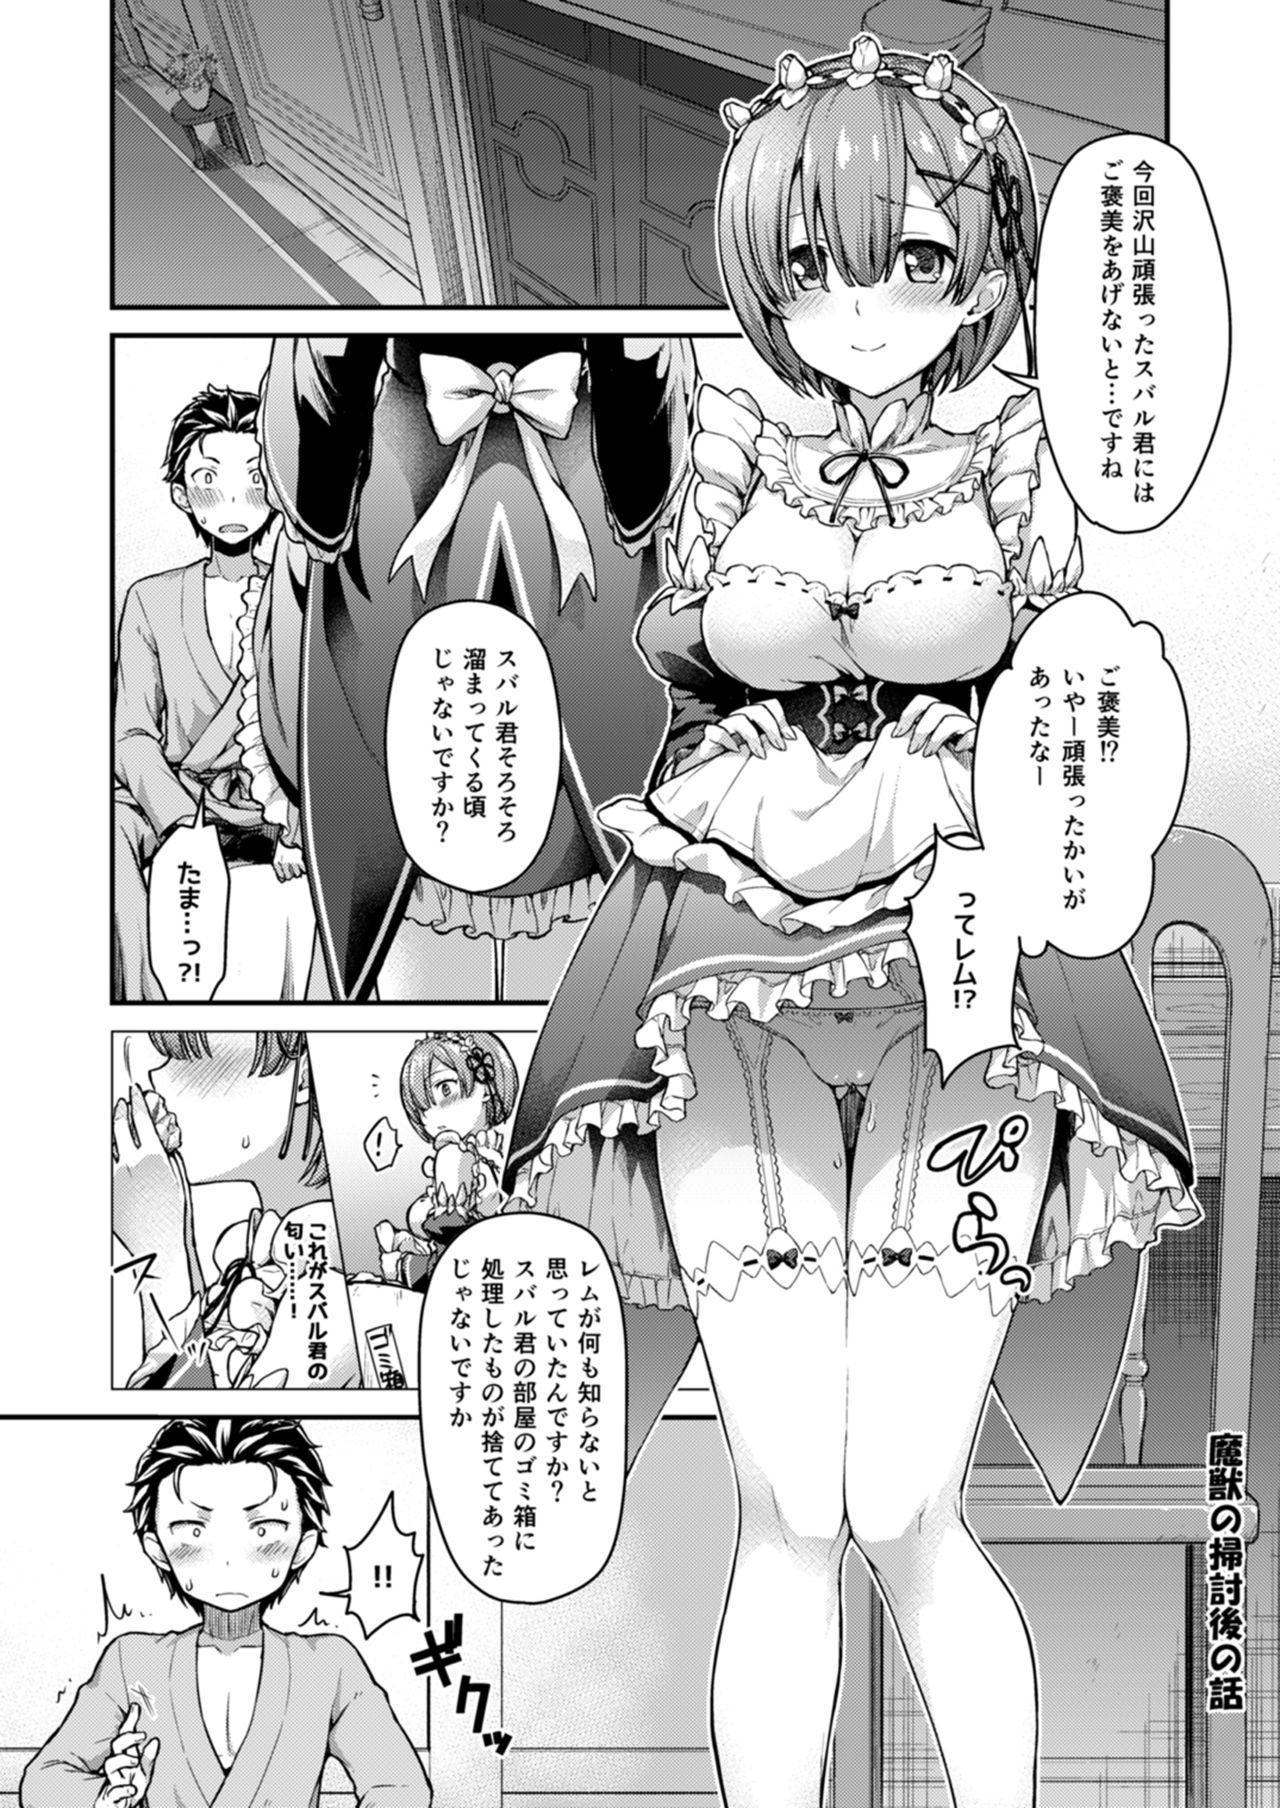 Ecchi kara Hajimeru Fujun Isei Kouyuu - illicit sexual relationship 2